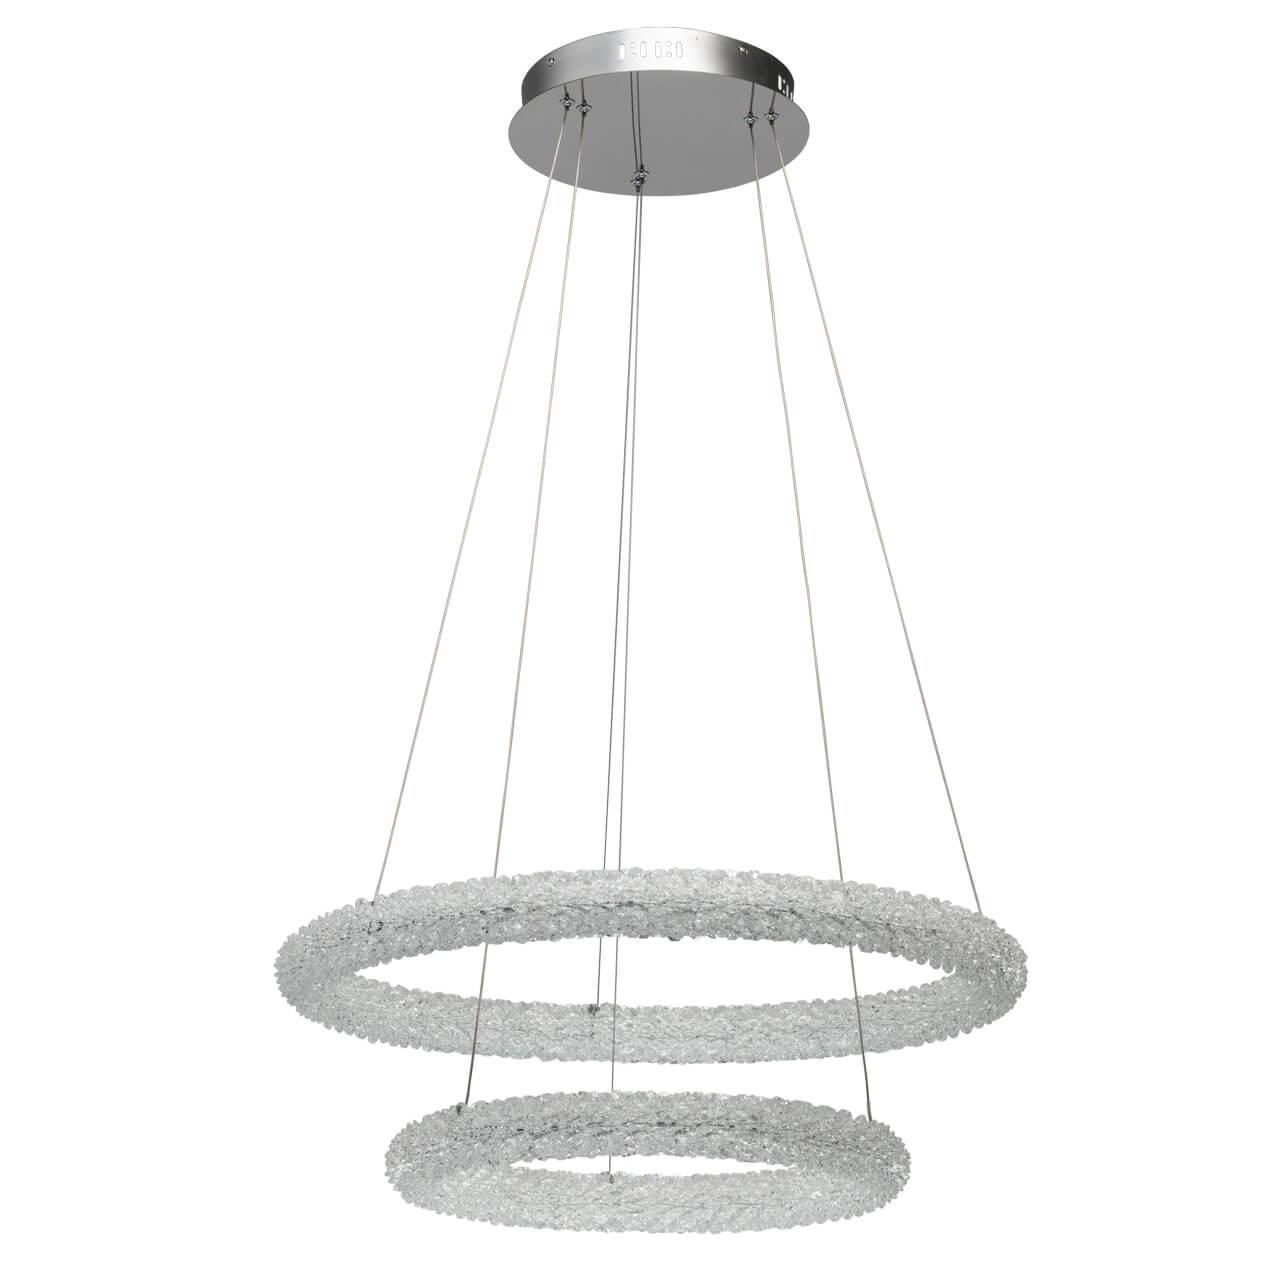 Подвесной светодиодный светильник Chiaro Гослар 11 498014202 подвесной светодиодный светильник chiaro гослар 5 498012202